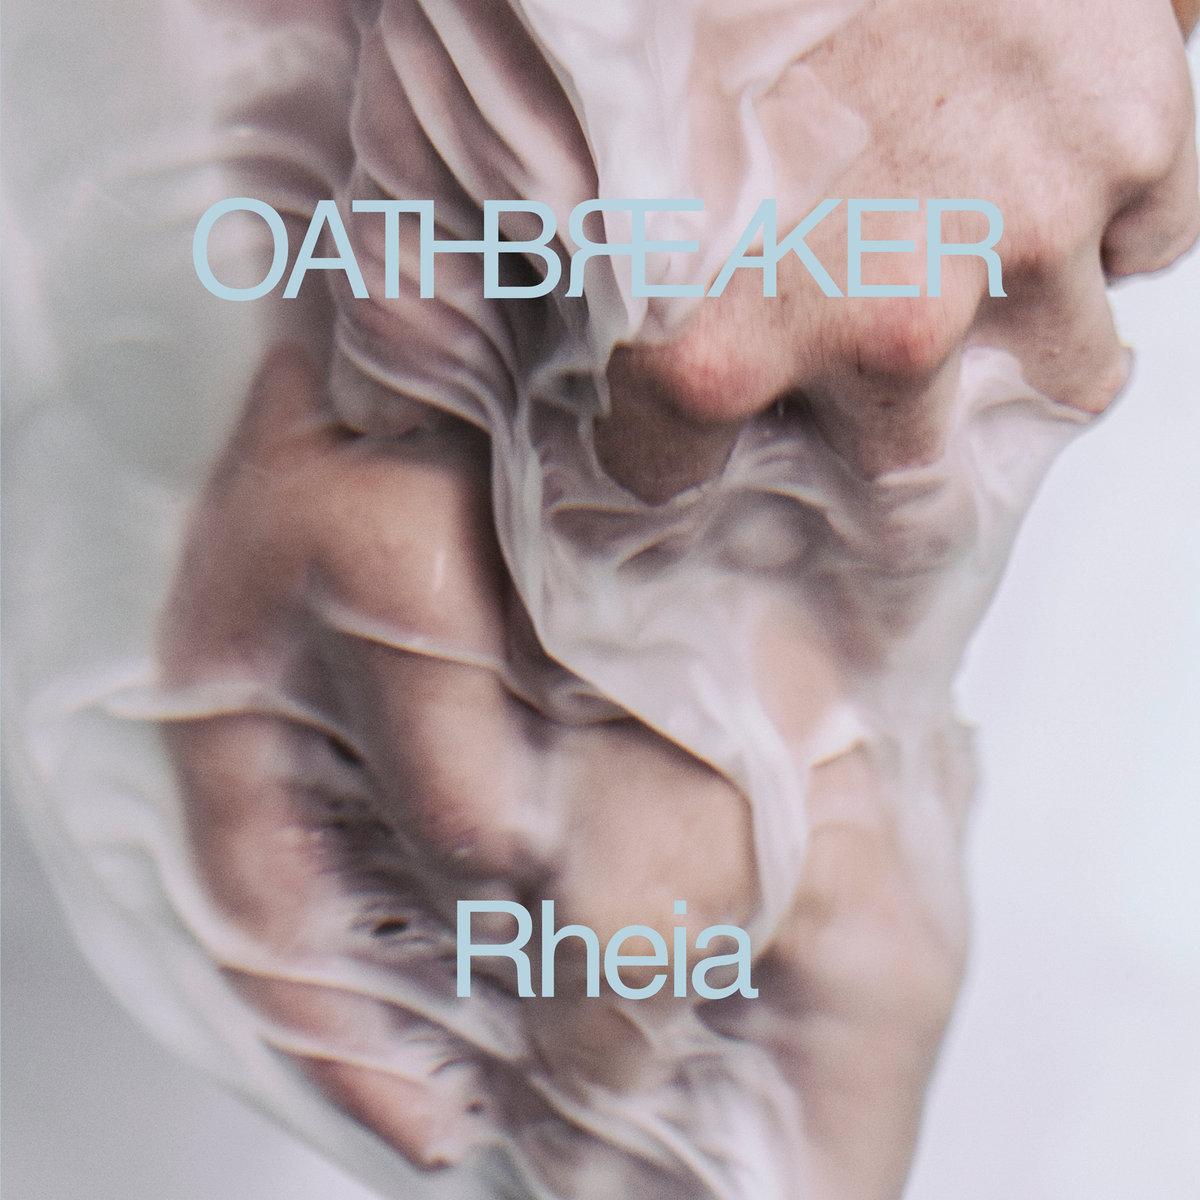 Oathbreaker-Rheia